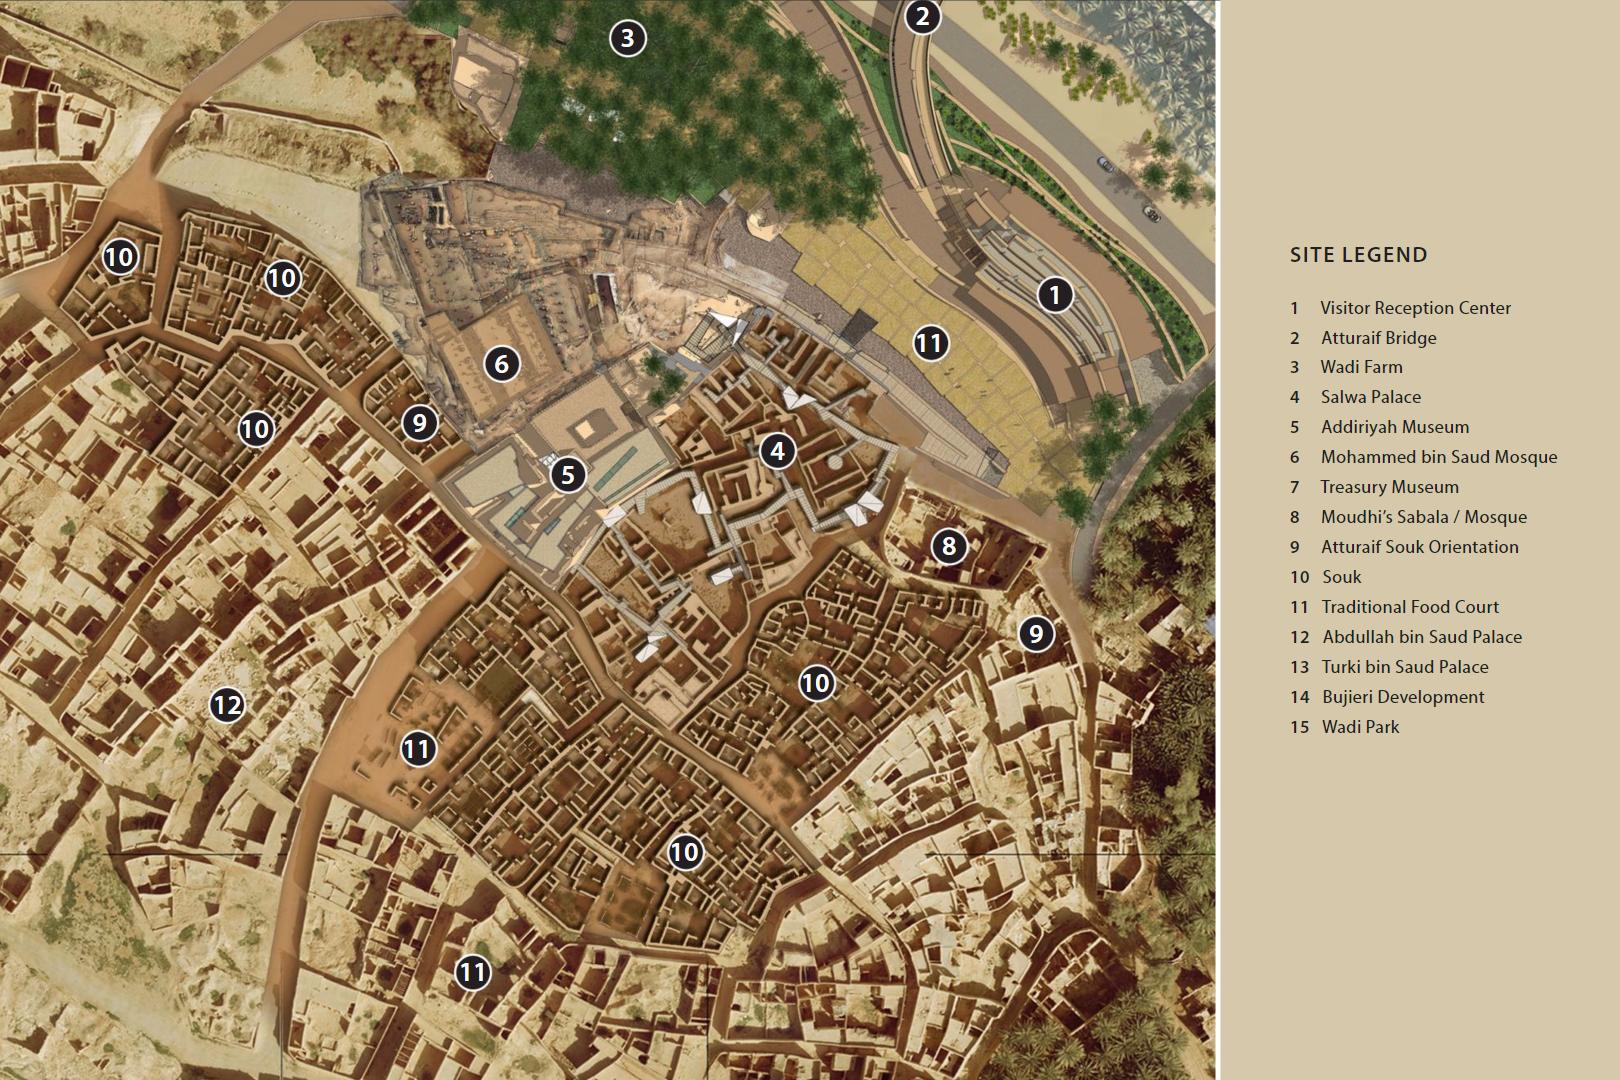 تطوير حي الطريف التاريخي The Atturaif Development مشاريع السعودية City Photo Aerial Photo